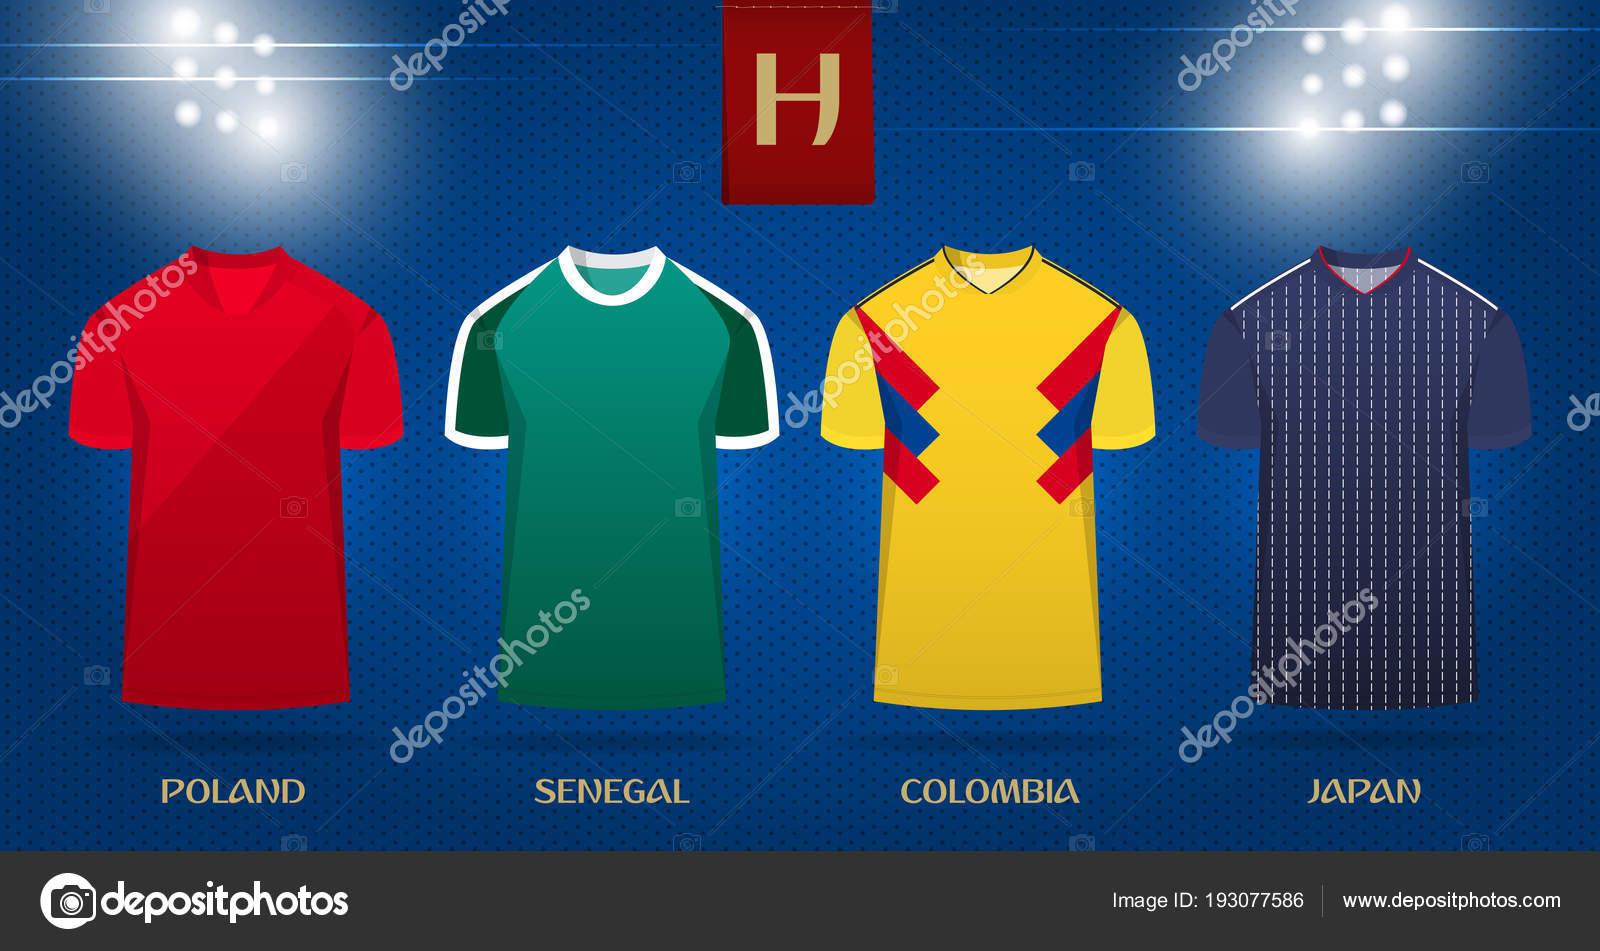 Fútbol kit o fútbol jersey diseño de plantillas para la selección de fútbol.  Frente vista fútbol uniforme mock up en fondo de punto. c80b4b7de7fdb